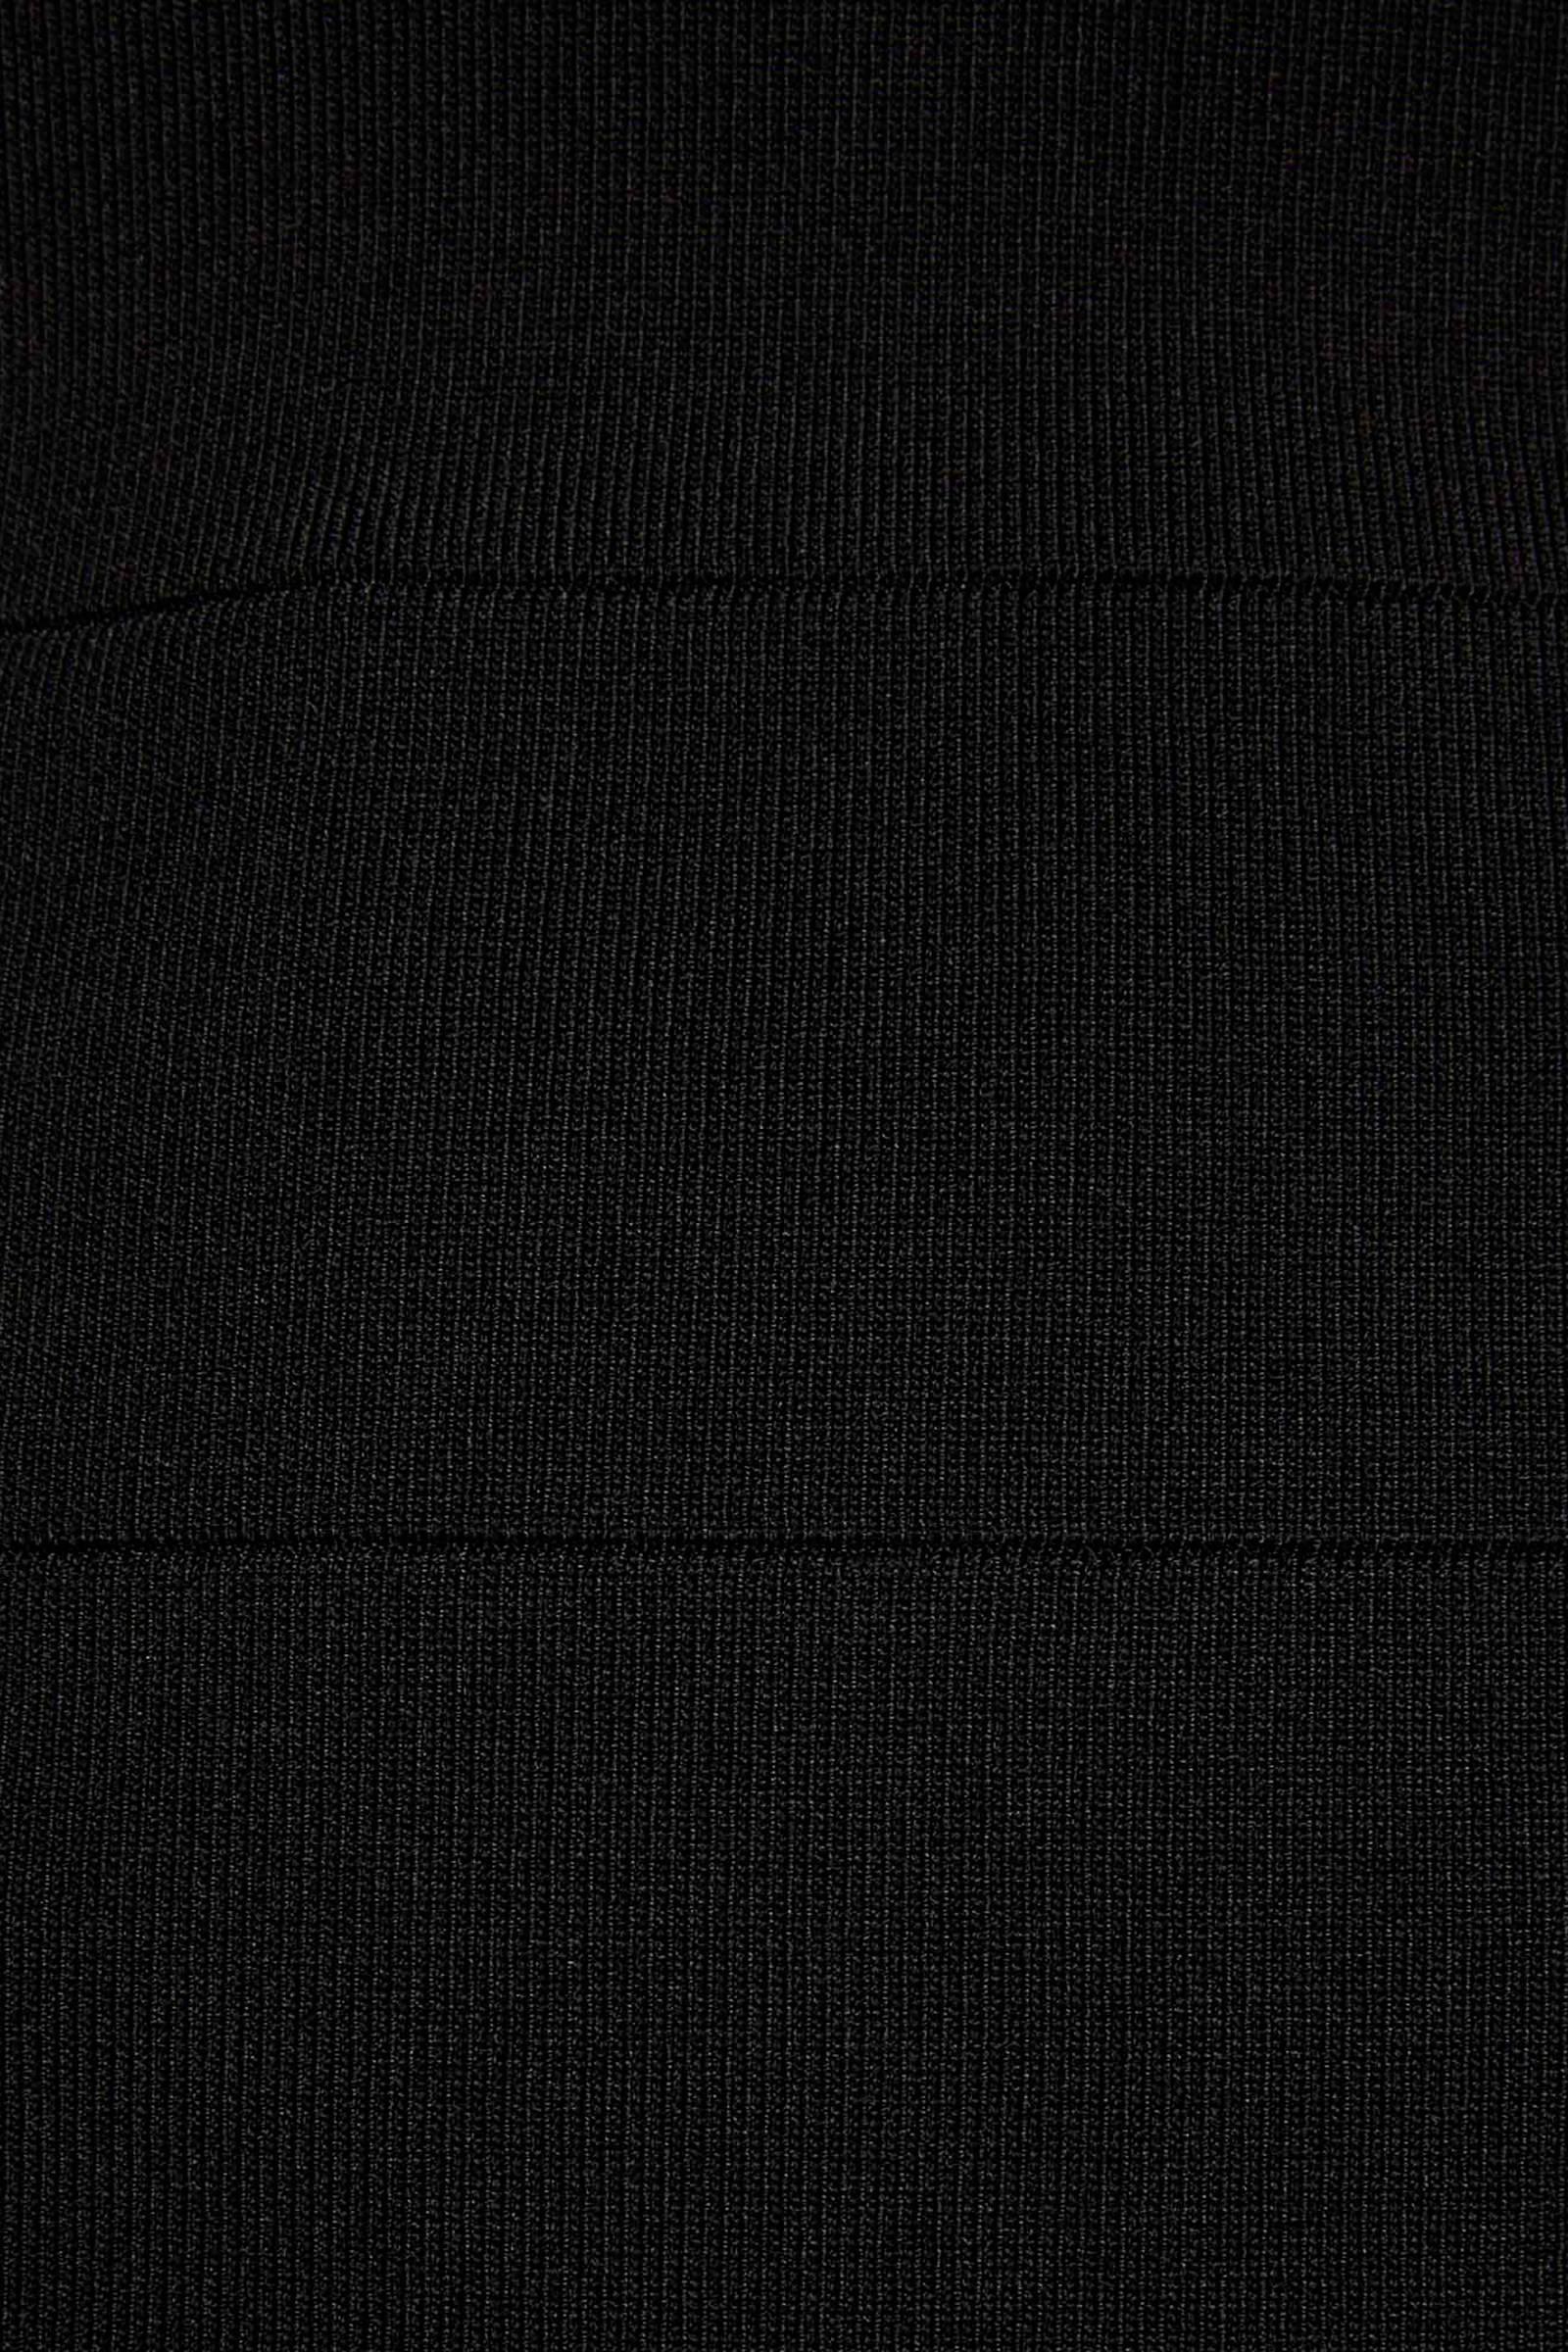 462723a166c4 morgan-gestreepte-a-lijn-jurk-zwart-zwart-3253632897556.jpg